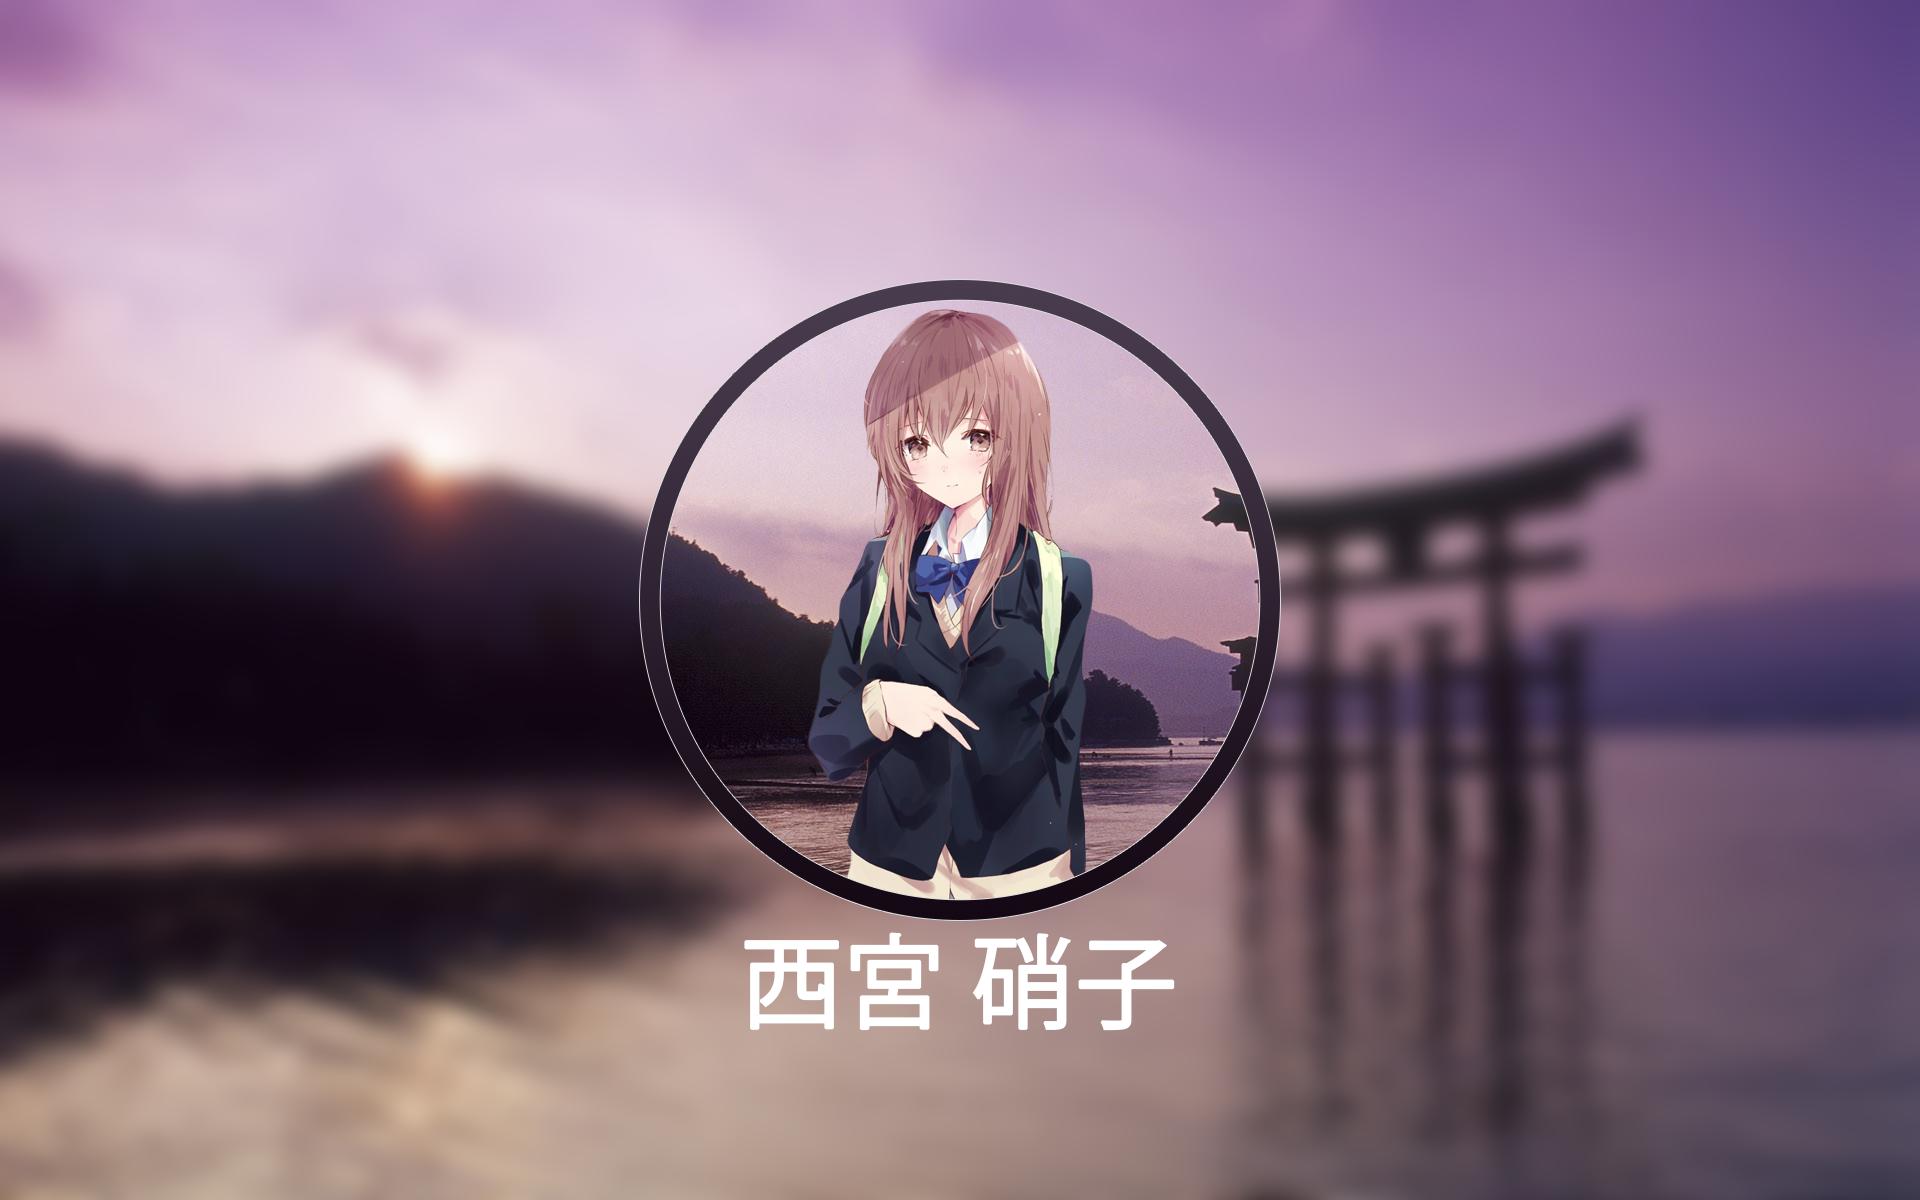 デスクトップ壁紙 Nishimiya Shouko Koe No Katachi アニメ 日本